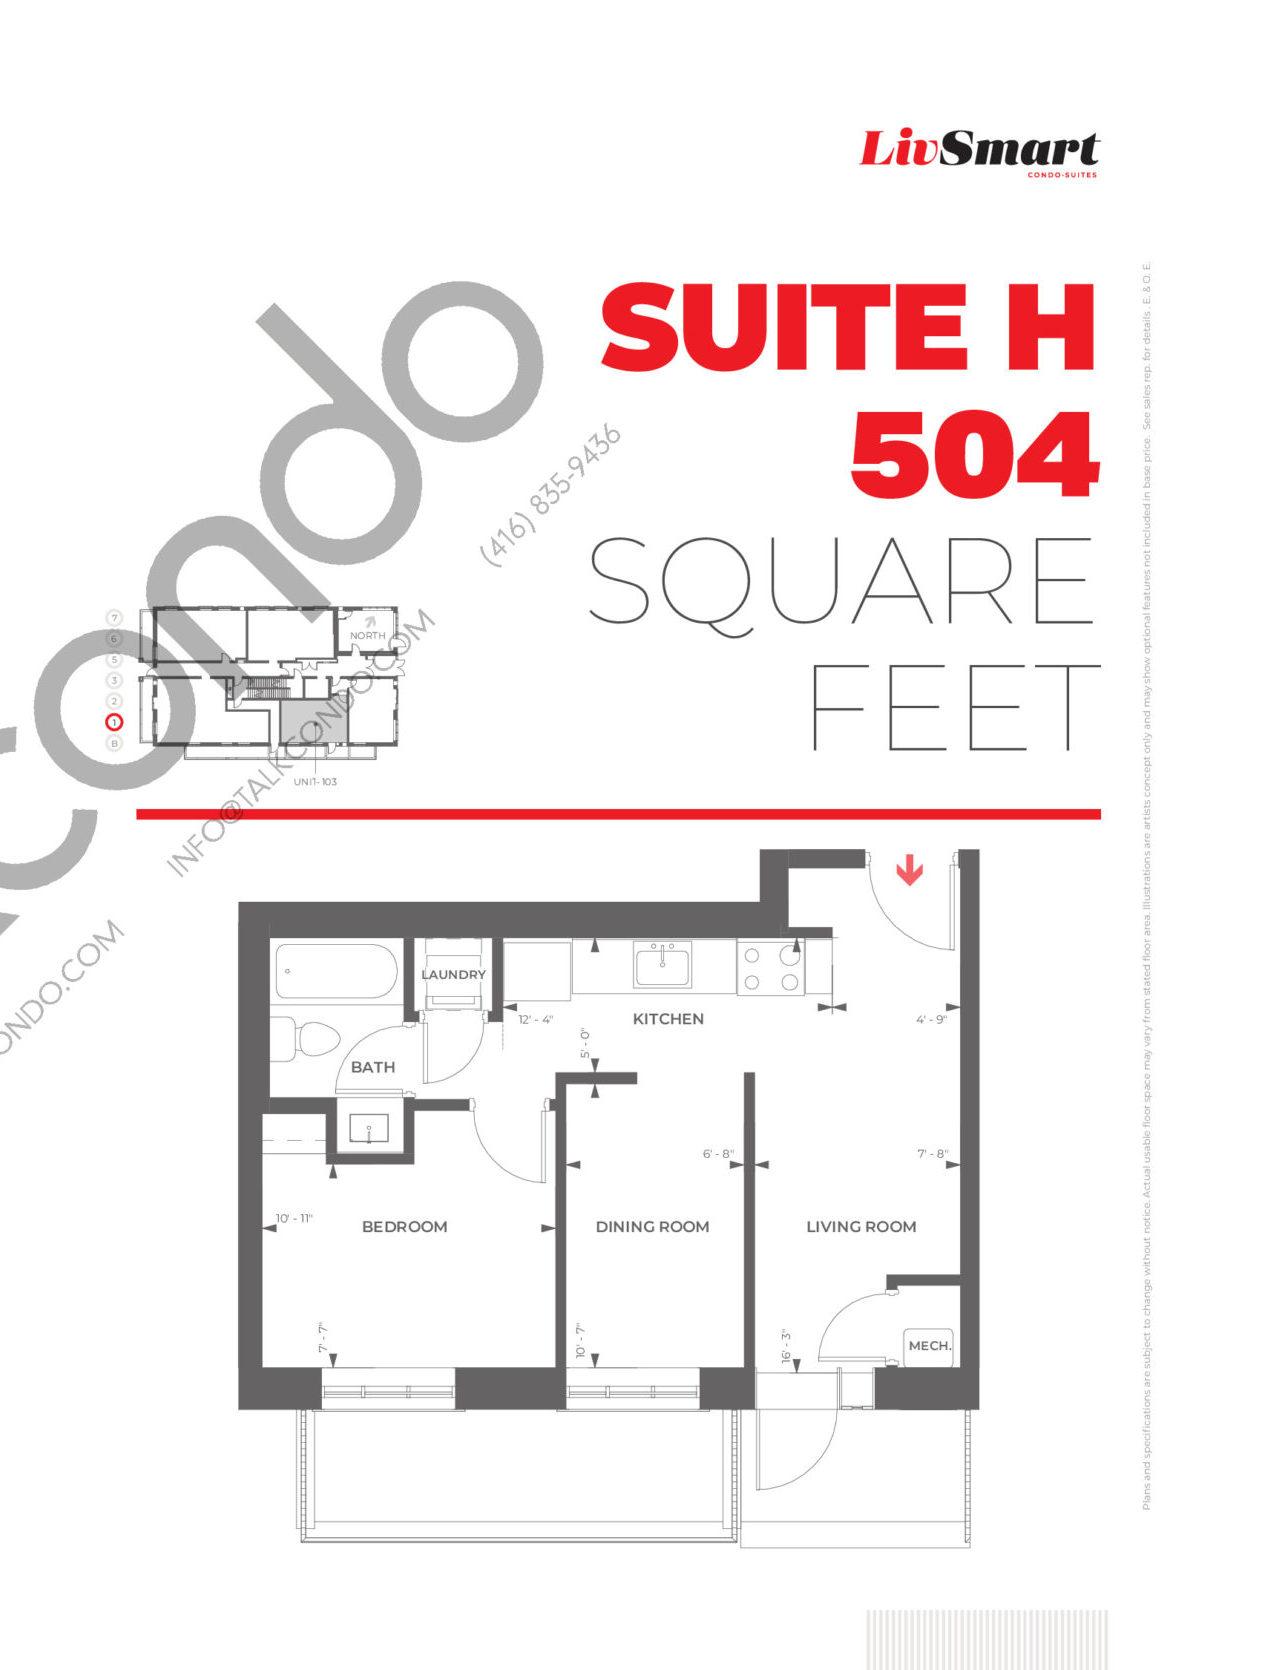 Suite H Floor Plan at LivSmart Condos - 504 sq.ft